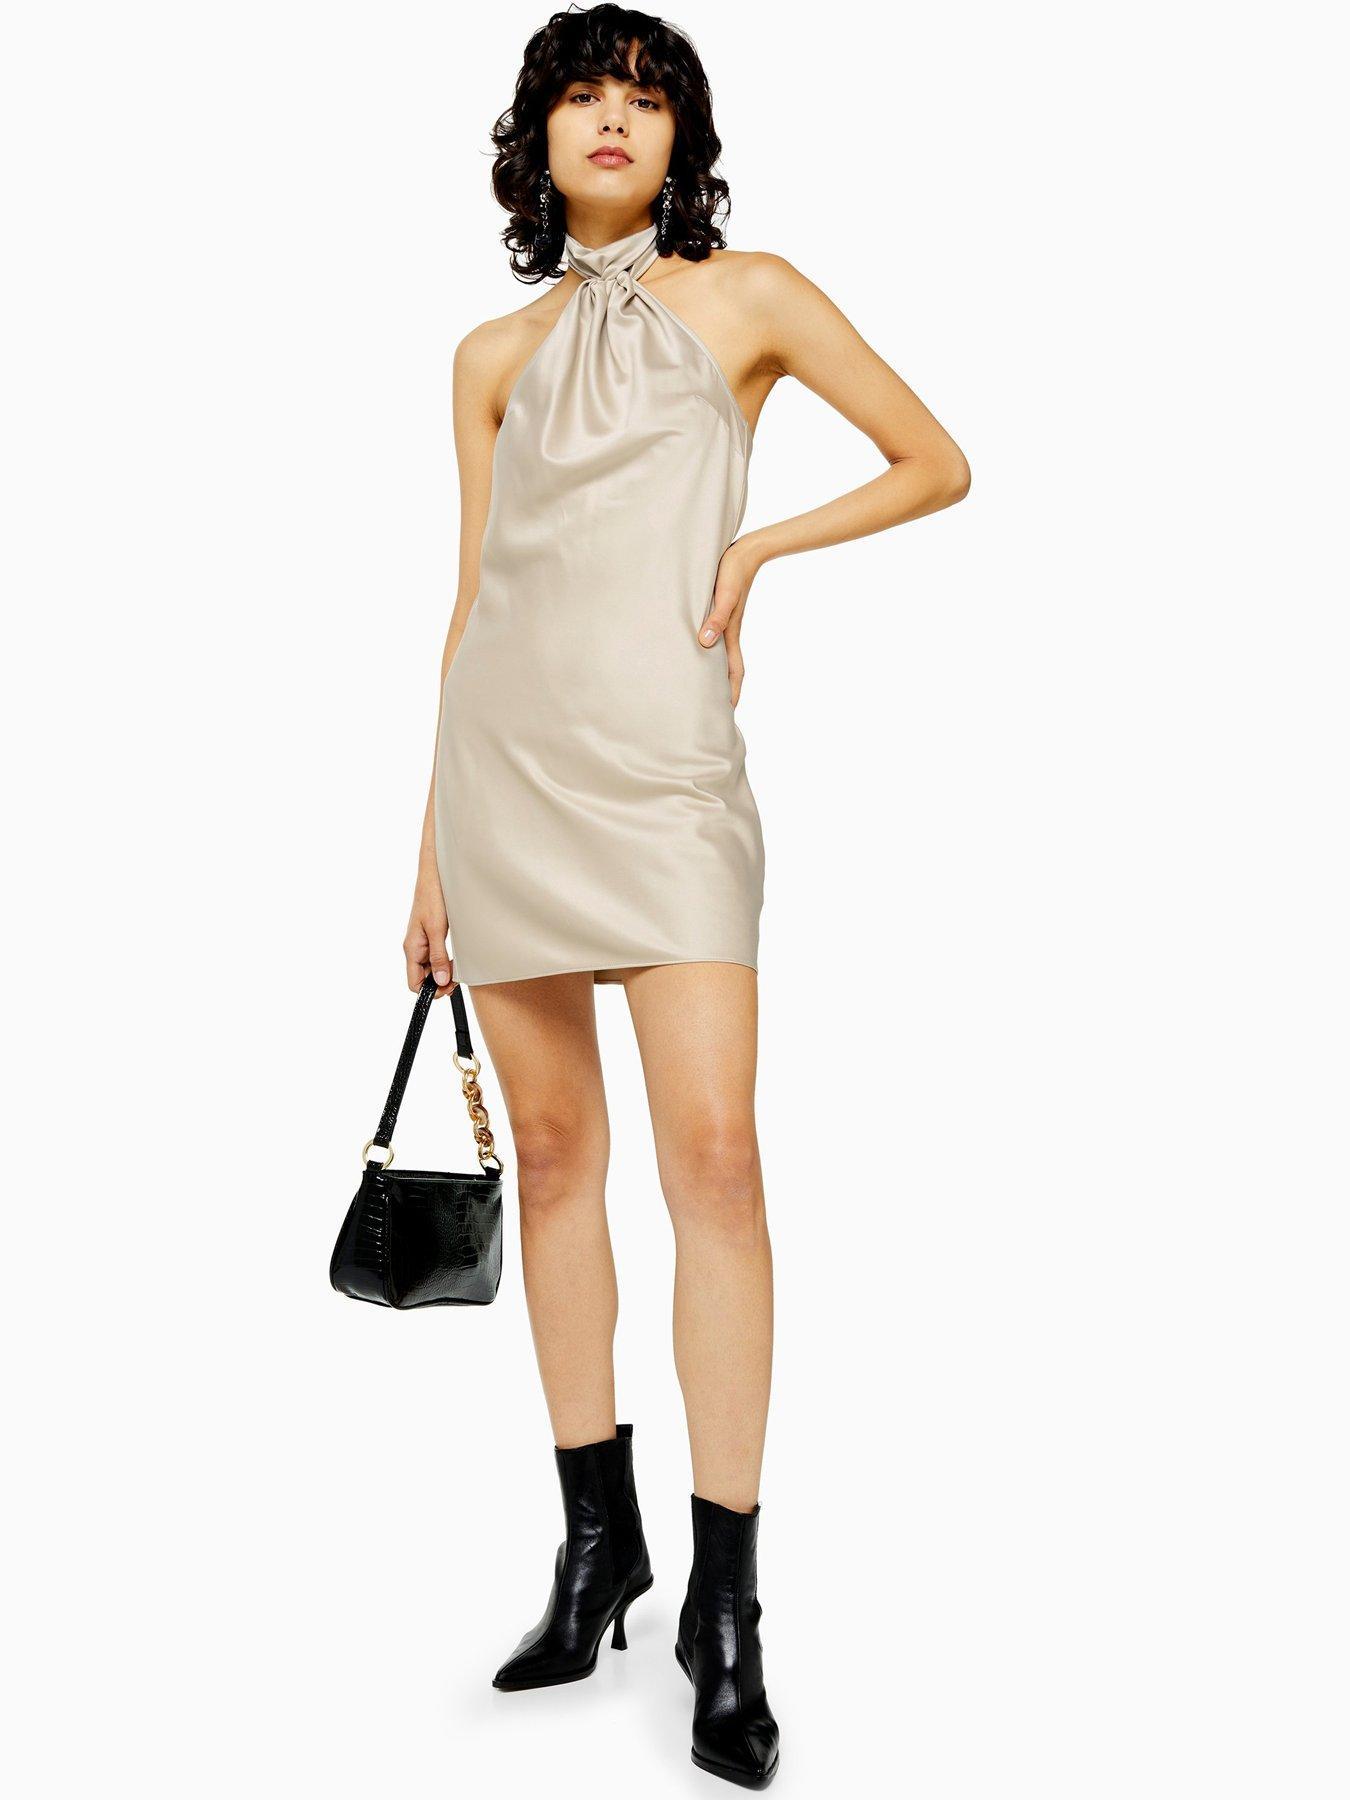 Amazon.co.uk: adidas Skirts Women: Clothing